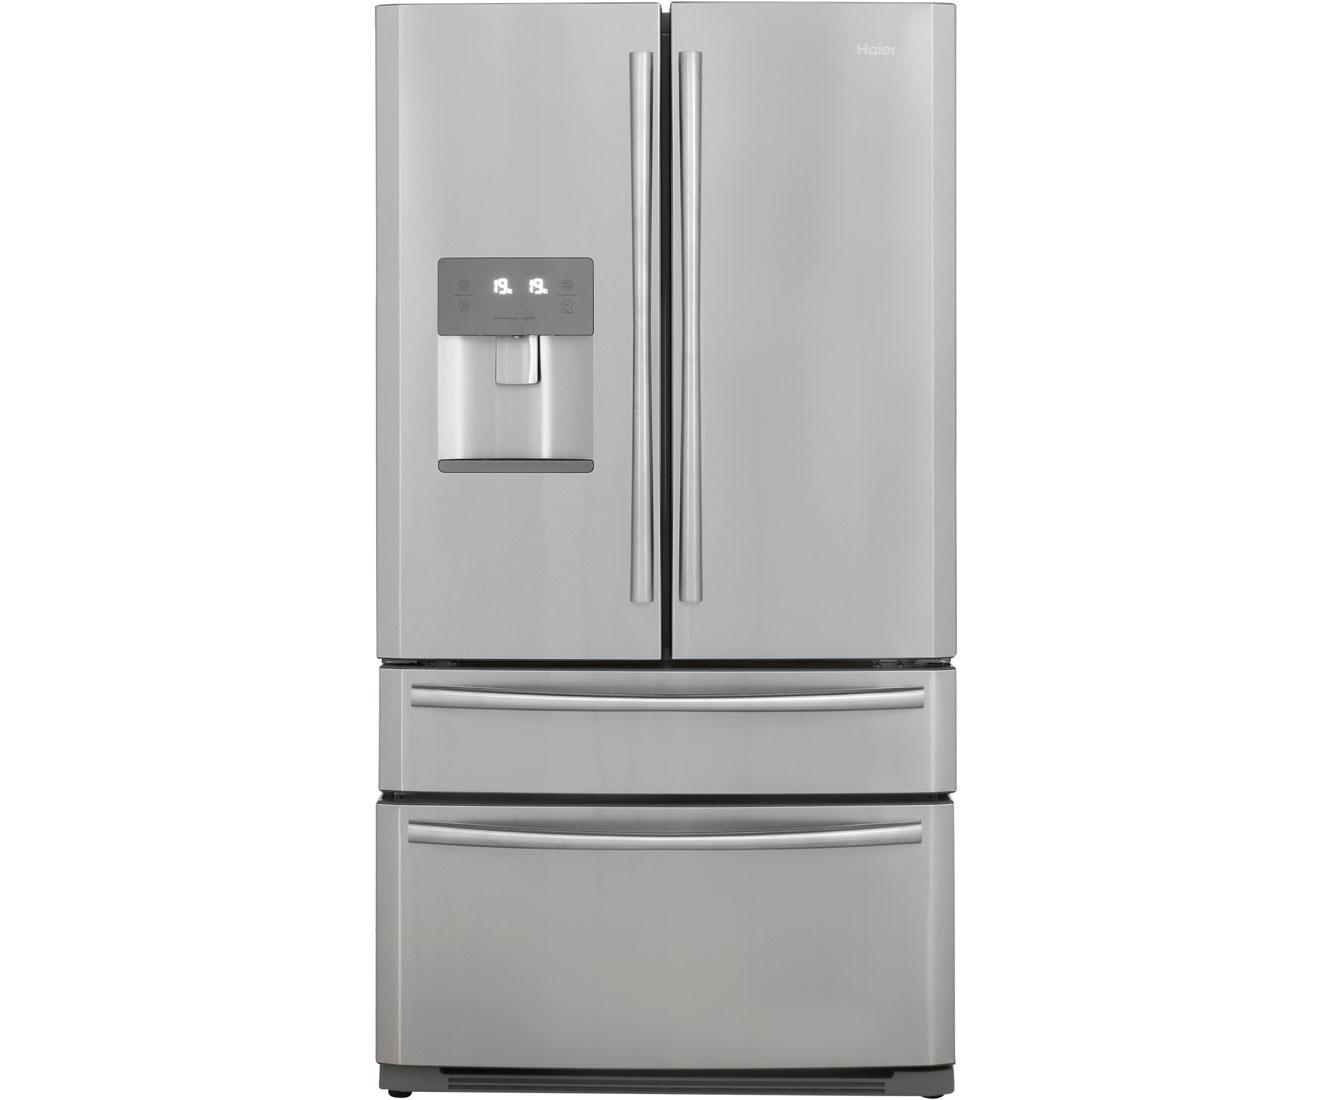 Minibar Kühlschrank Lautlos : Leiser kühlschrank wohnzimmer kühlschrank bosch retro lorraine b